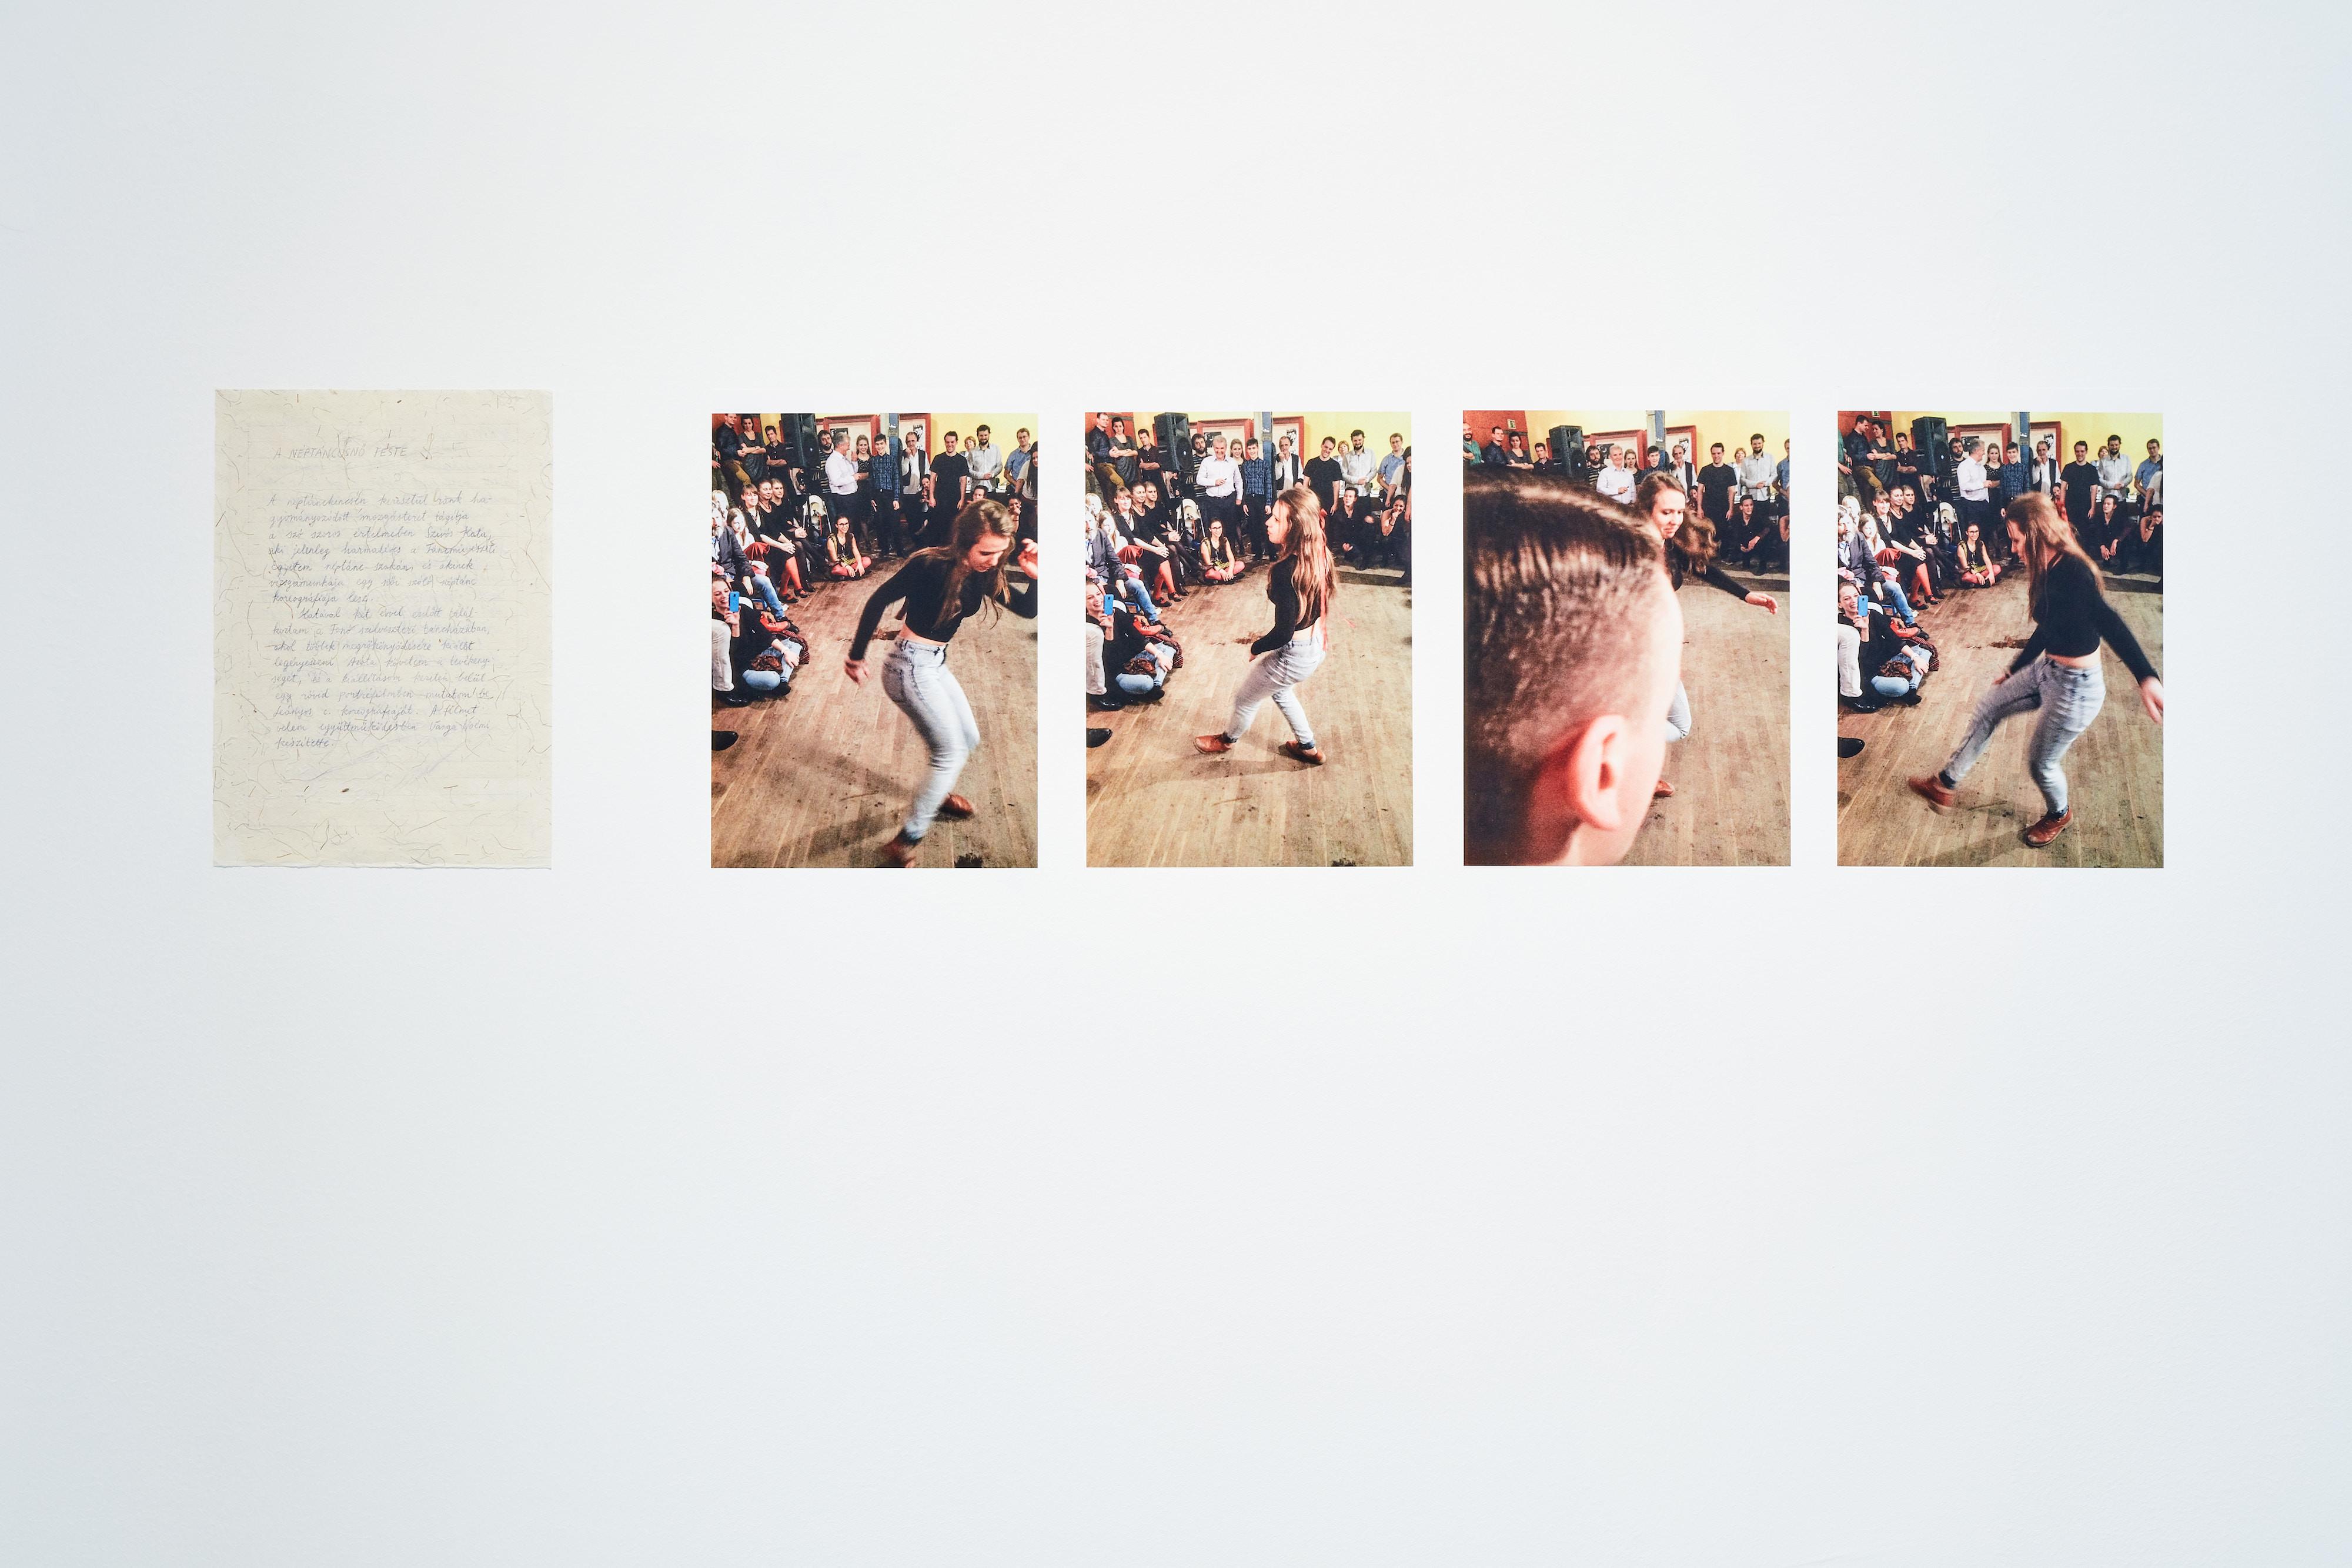 Trapp Dominika együttműködésben Varga Noémivel: A néptáncosnő teste, 2020 (Fotó: Biró Dávid)